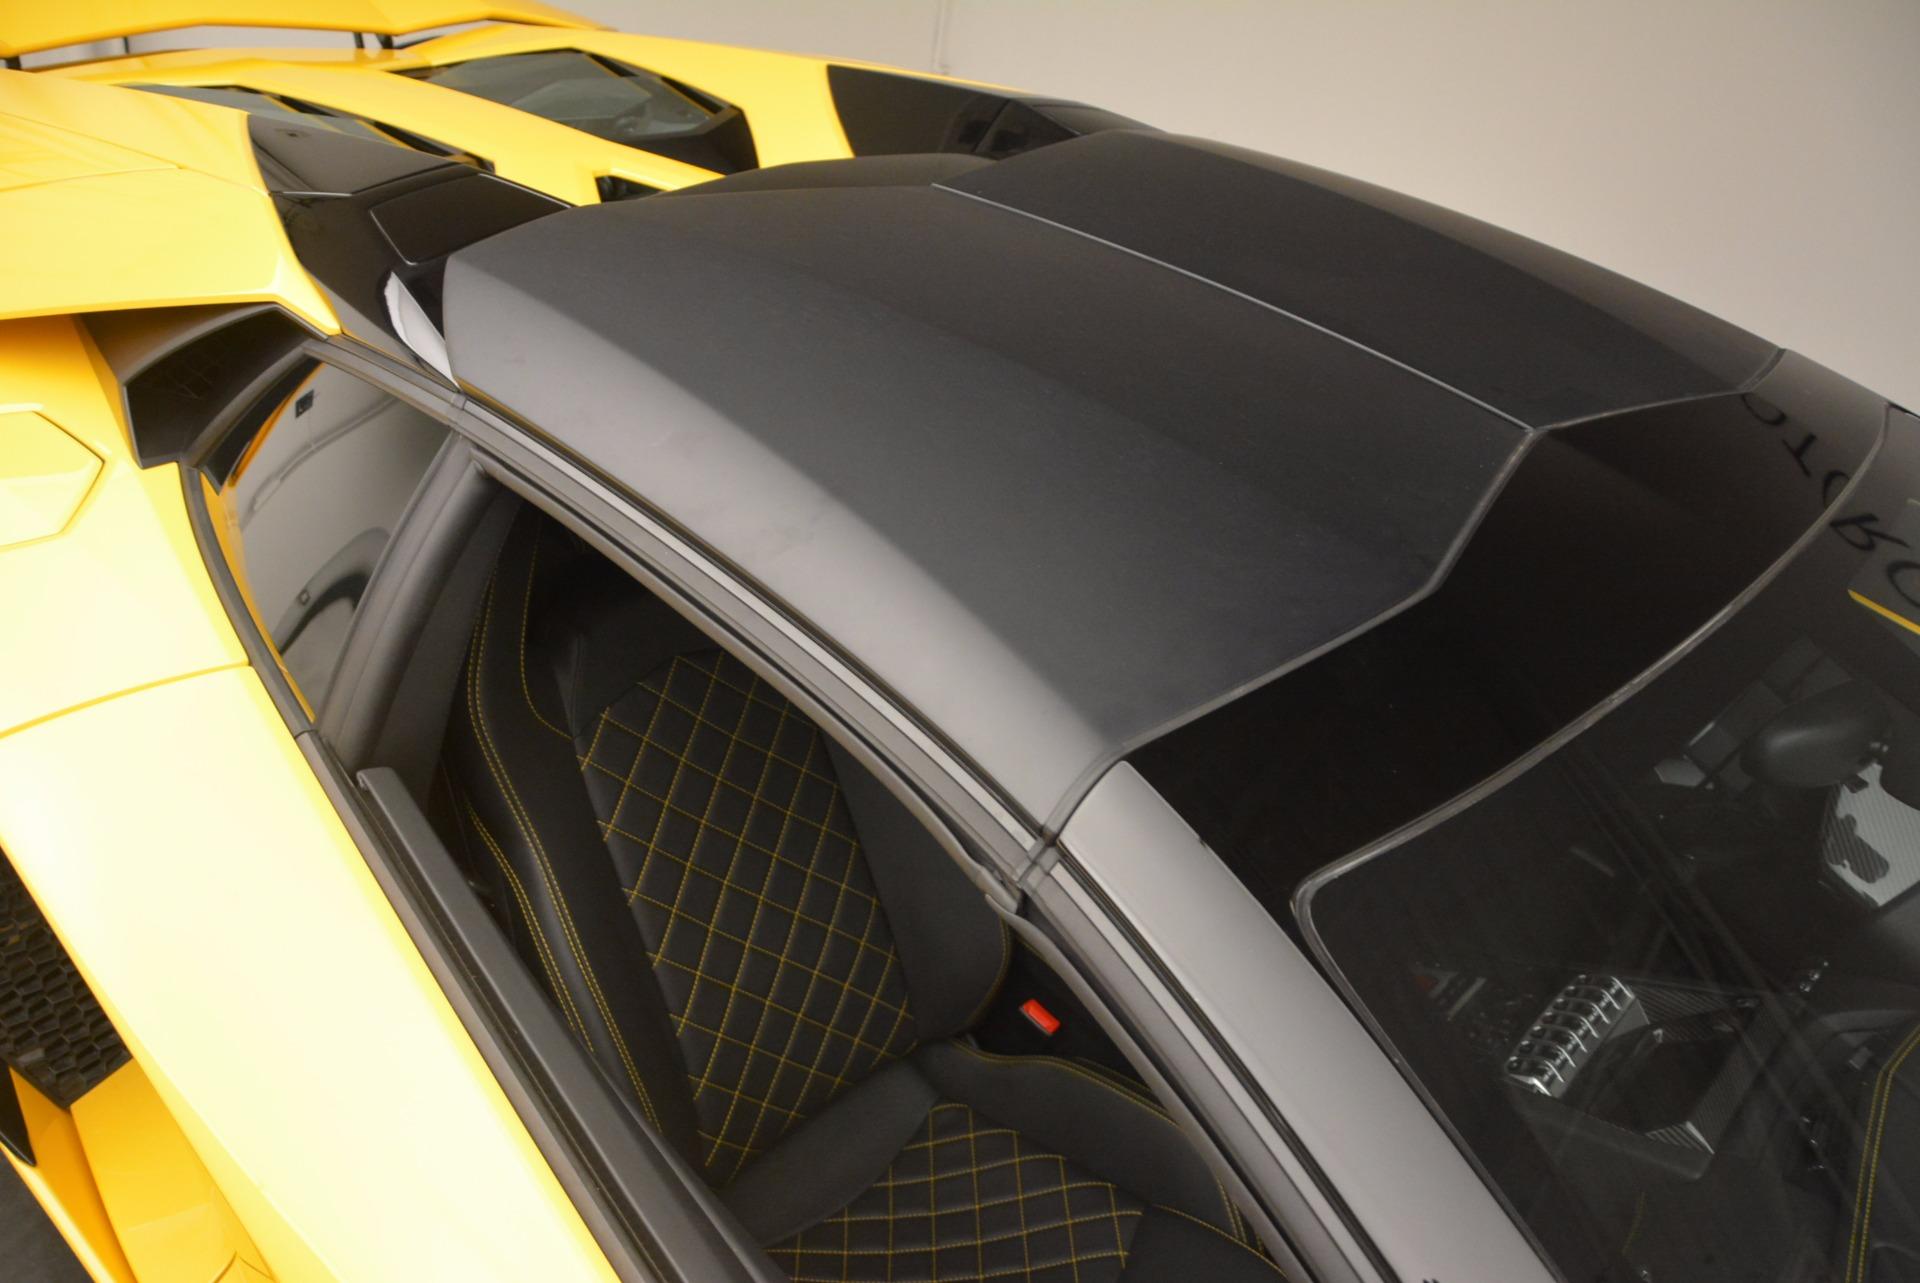 Used 2015 Lamborghini Aventador LP 700-4 Roadster For Sale In Greenwich, CT. Alfa Romeo of Greenwich, 7284 1774_p29